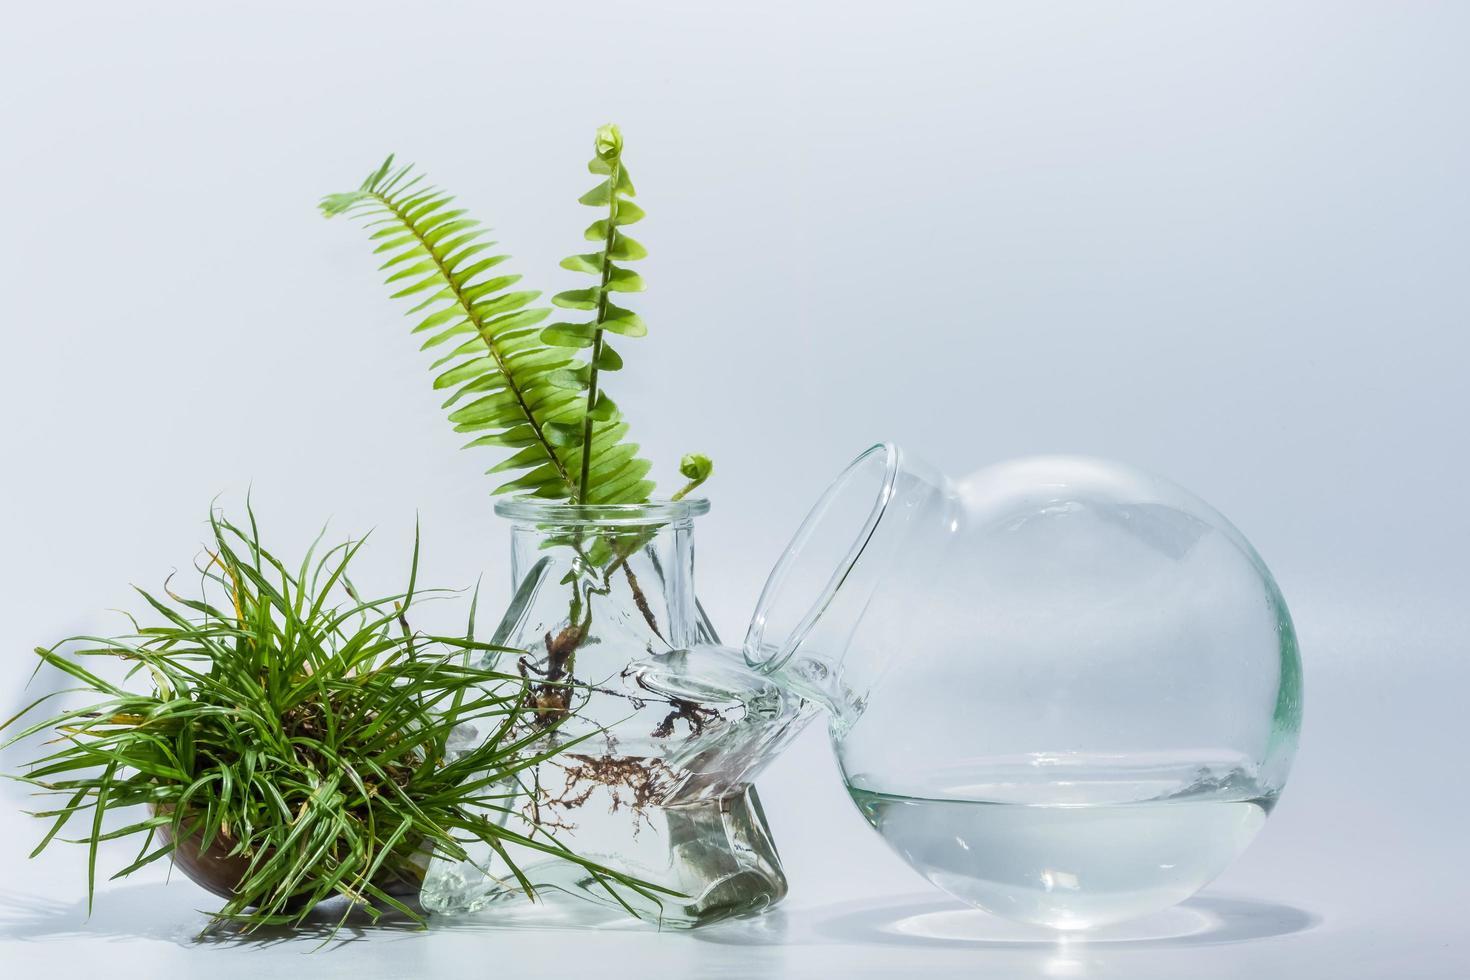 piante di terrario su sfondo bianco foto